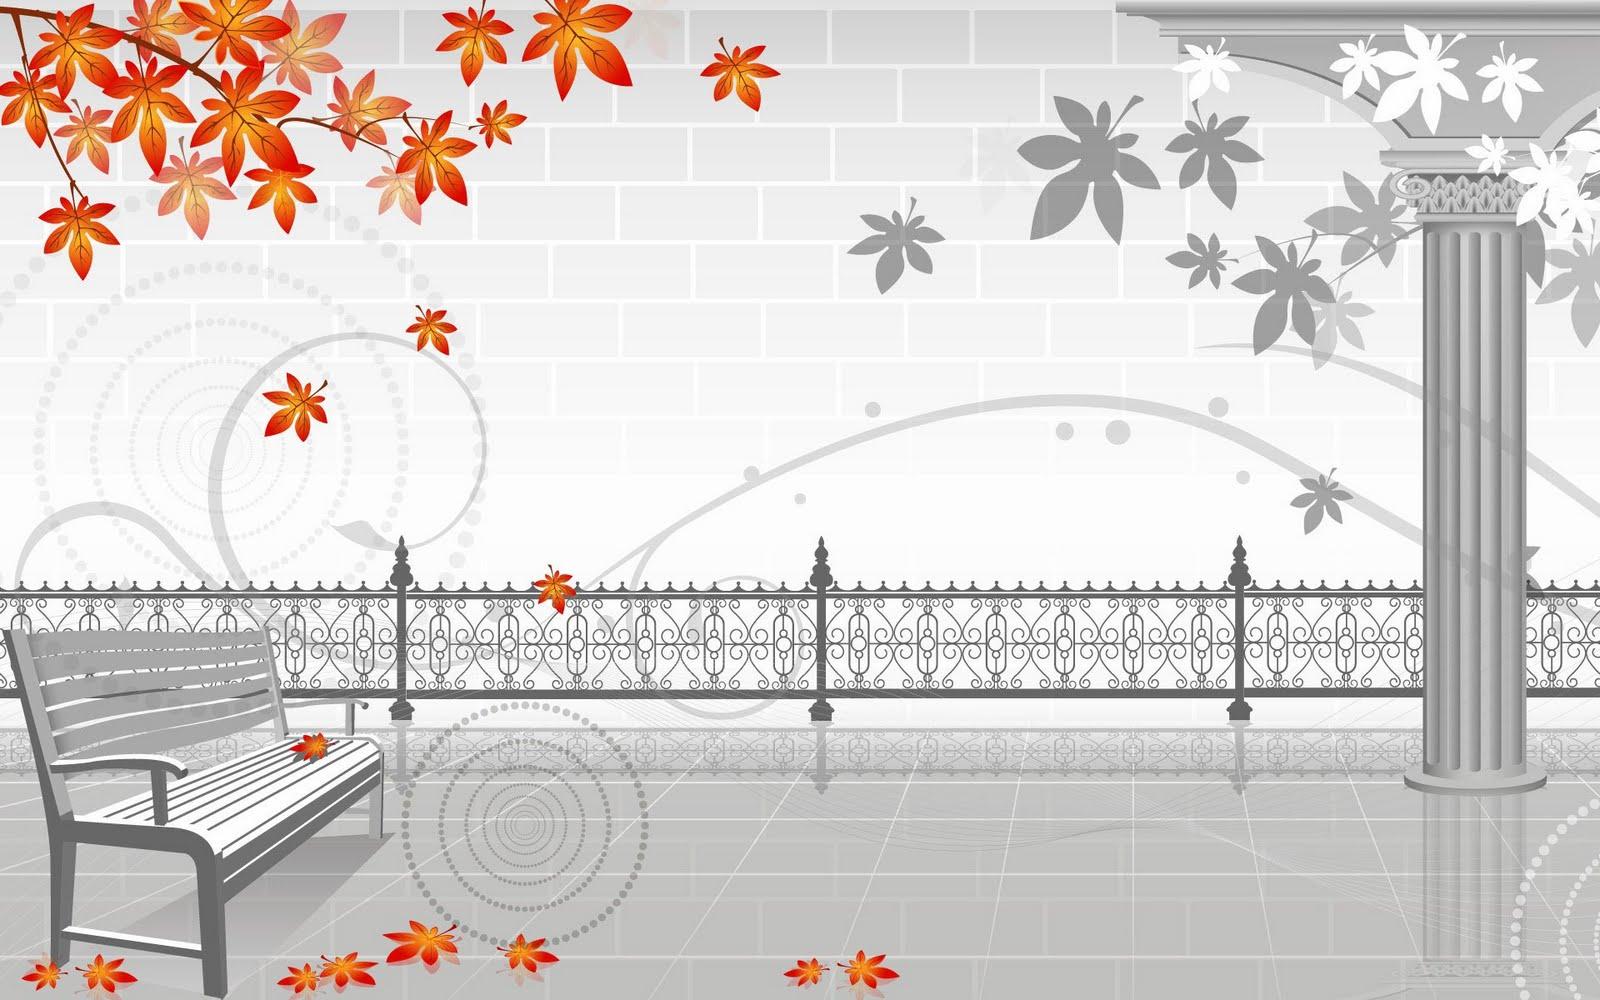 QQ Wallpapers Digital Art Interior Design HD Wallpaper Set 2